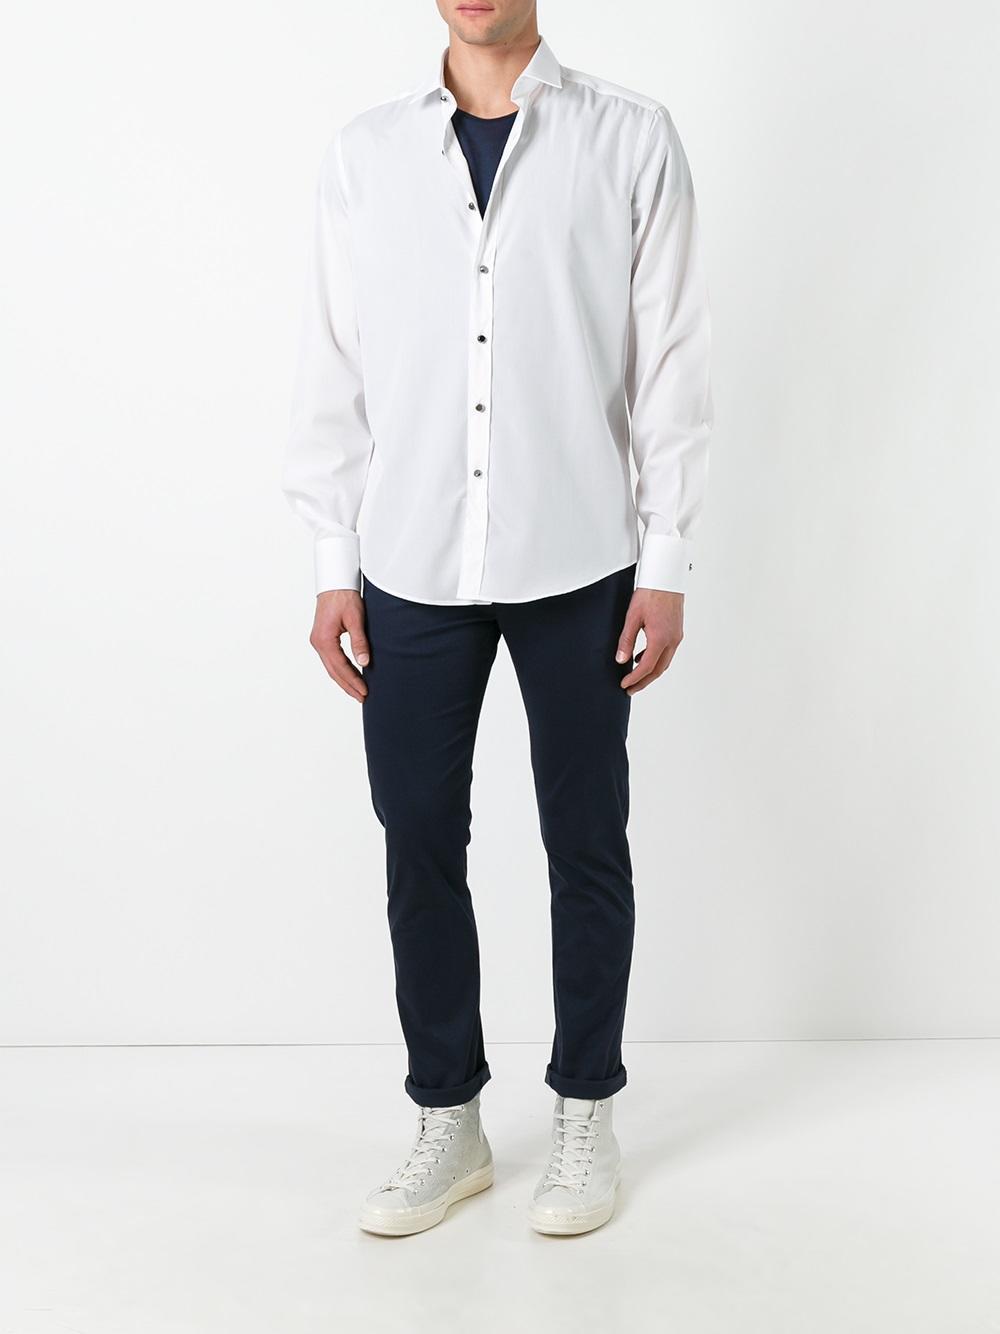 Blanco de con metalizados Lanvin botones Camisa detalle gUAq6X